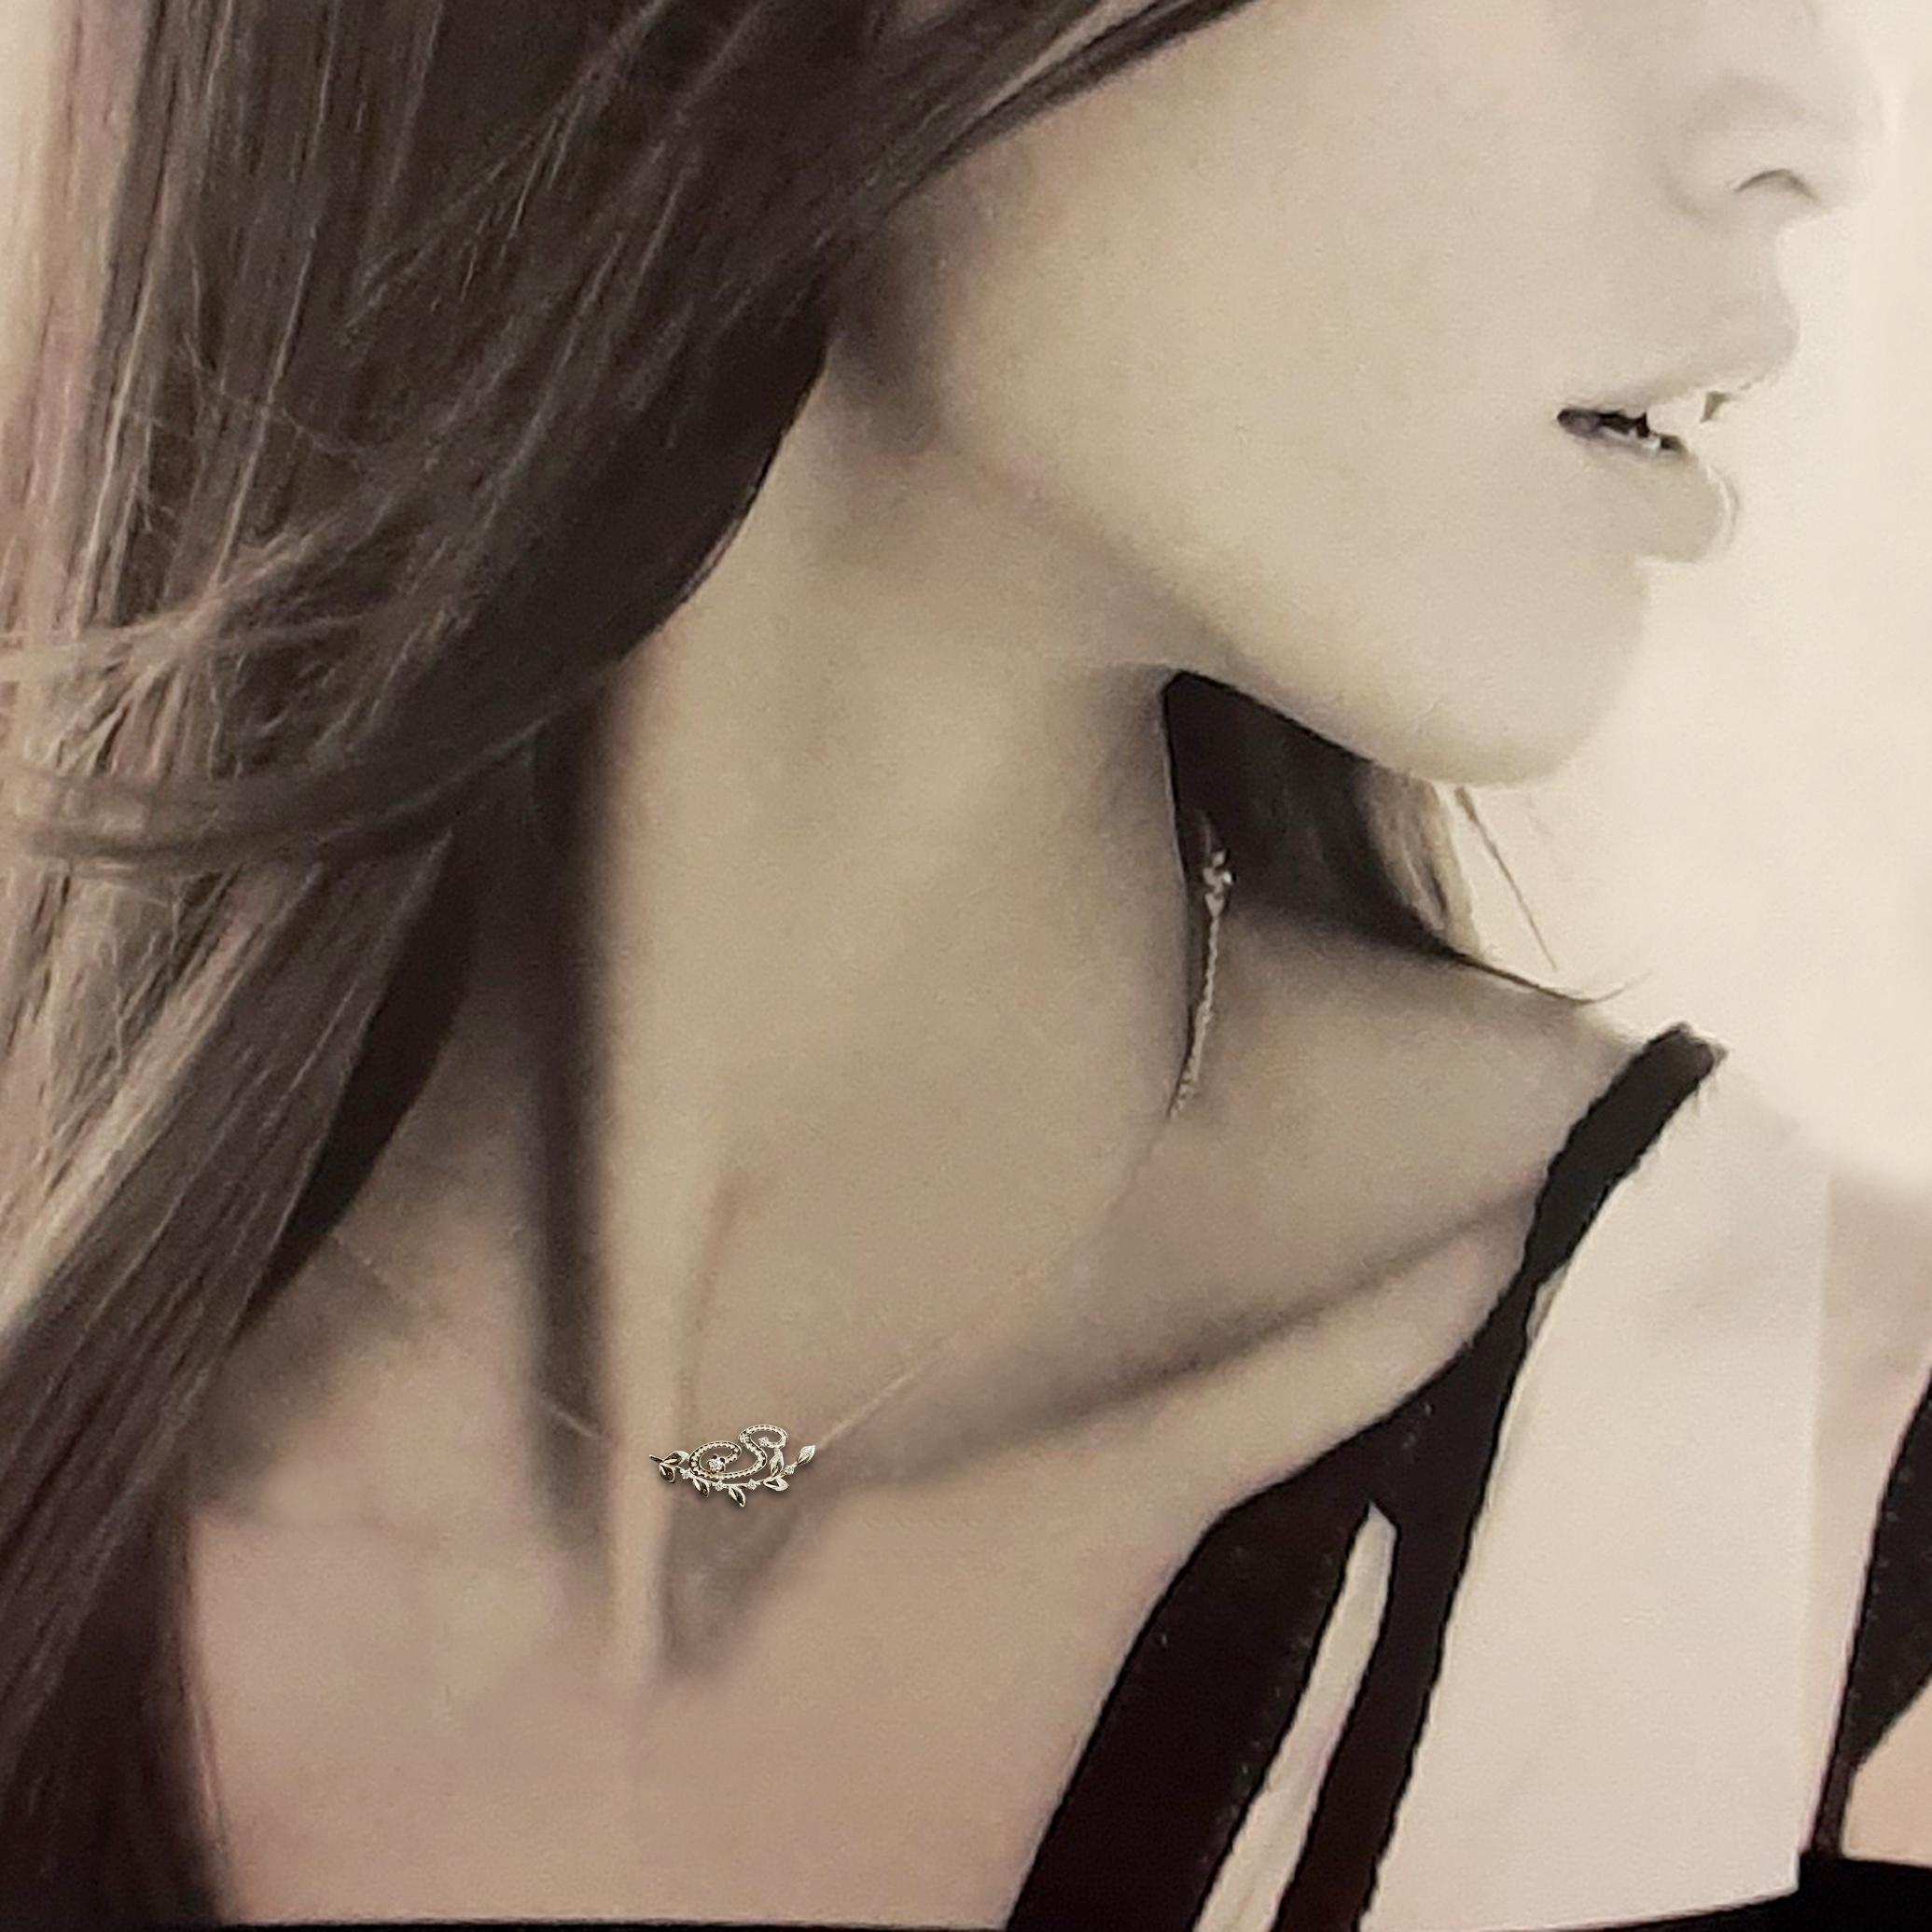 イニシャル・ダイヤモンドネックレス(Y・A・M・K・S・E・H・N・R・T)